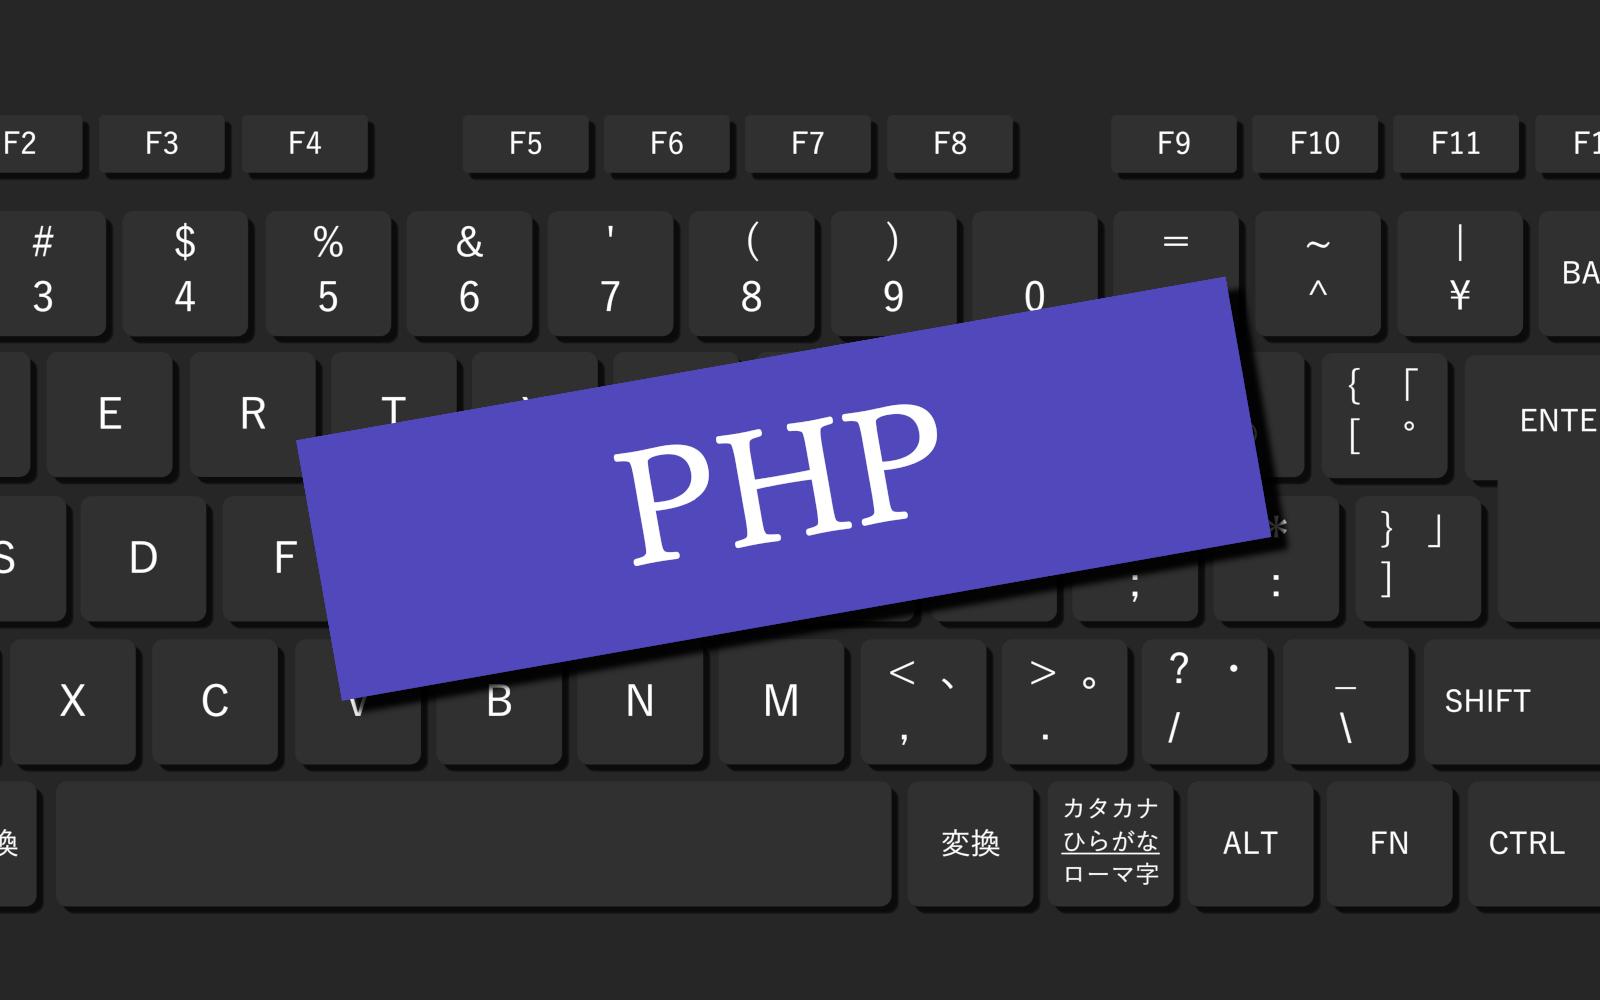 PHP.INI